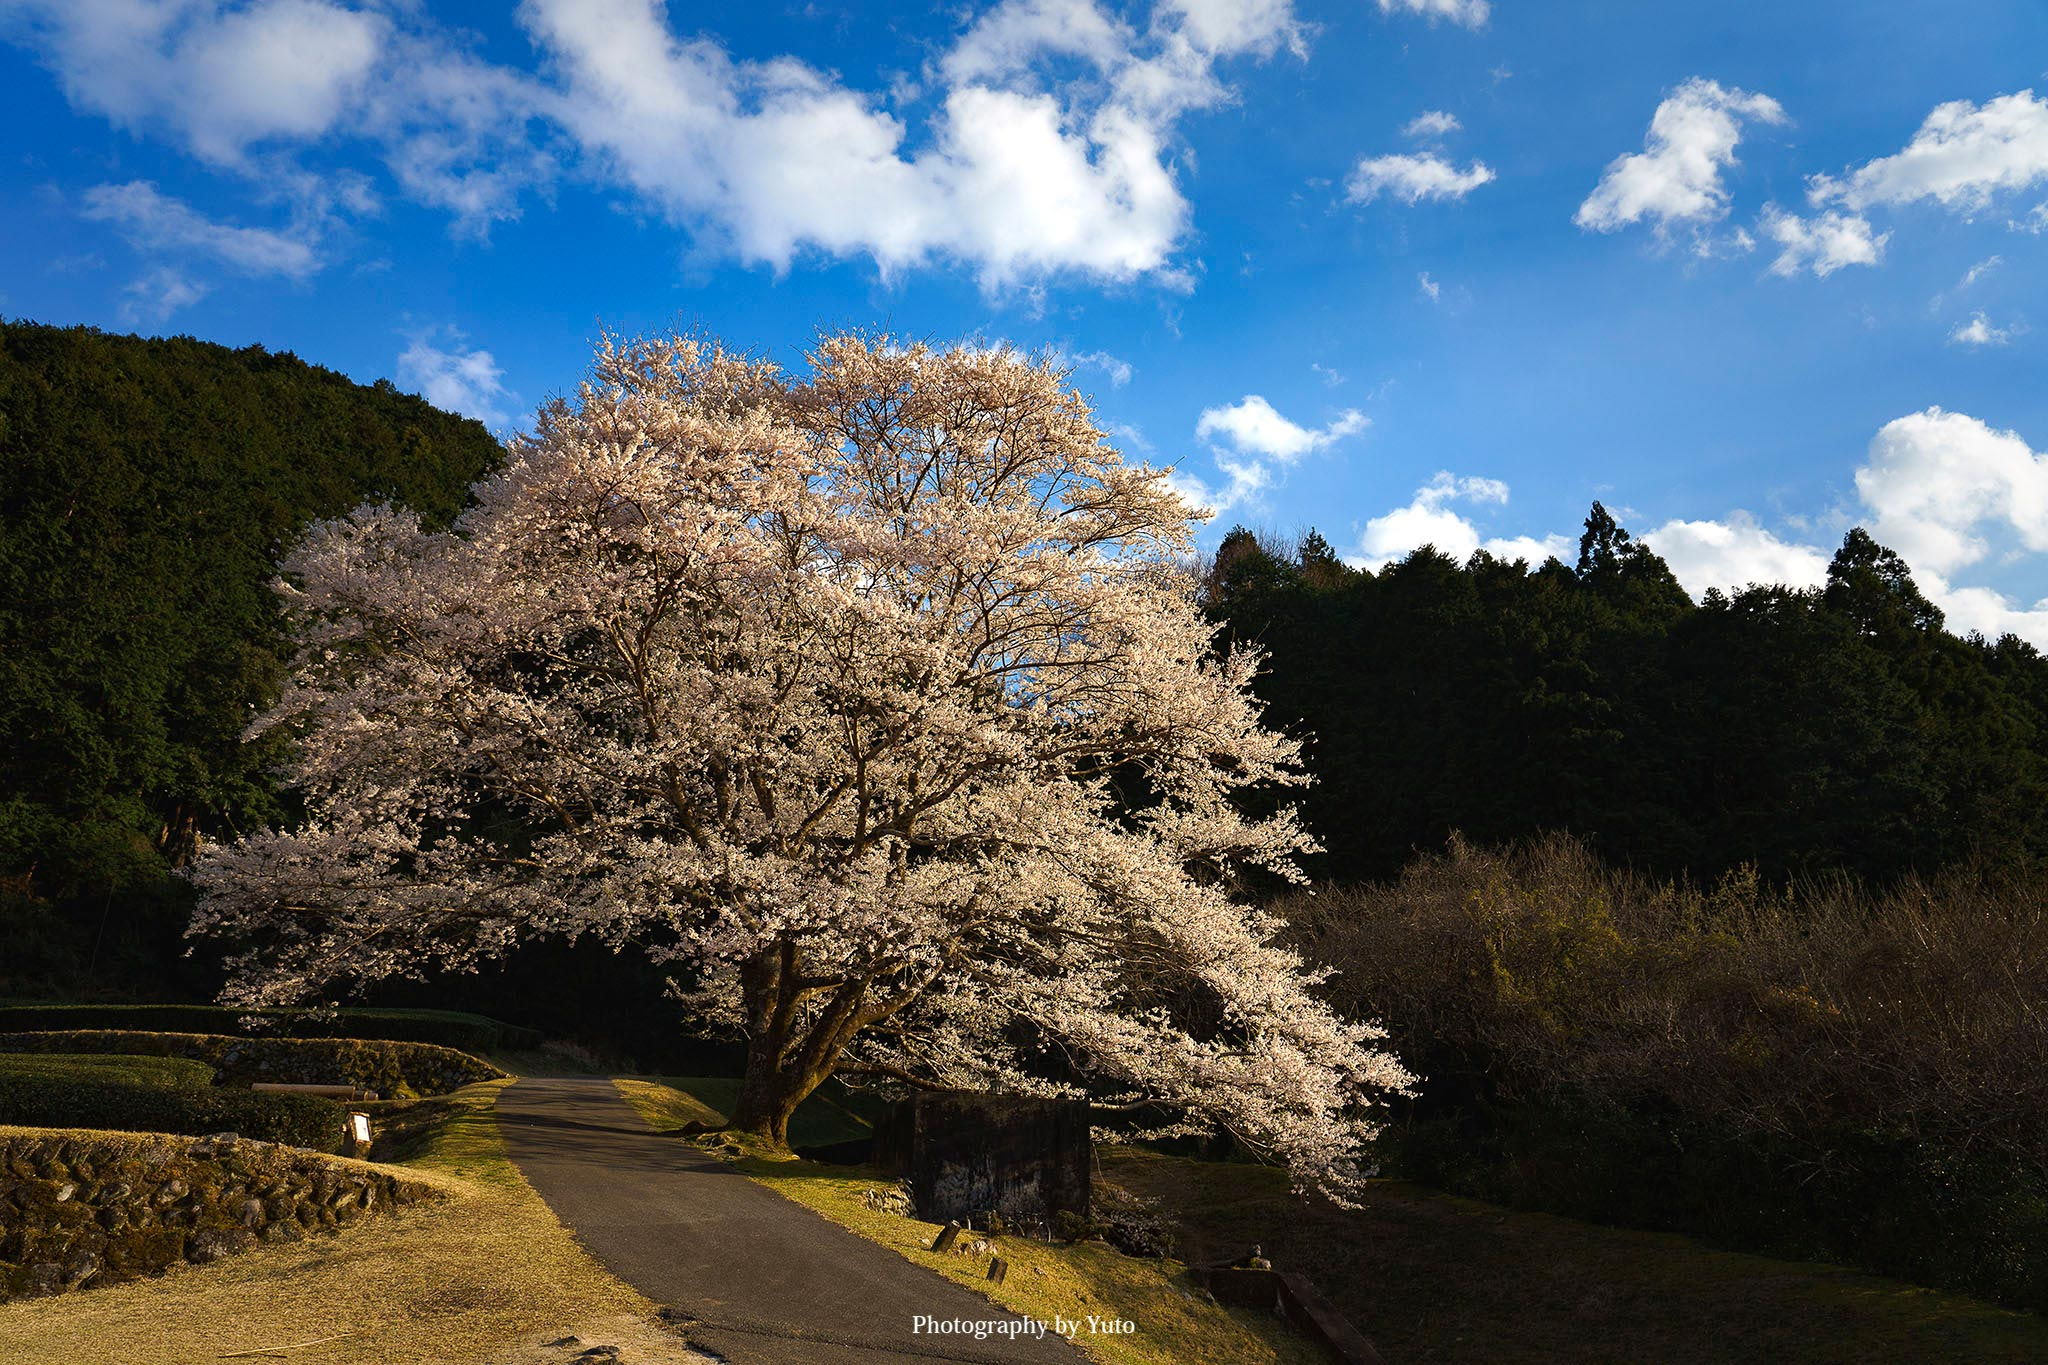 竹原の淡墨桜 午後 青空とのコラボが美しい